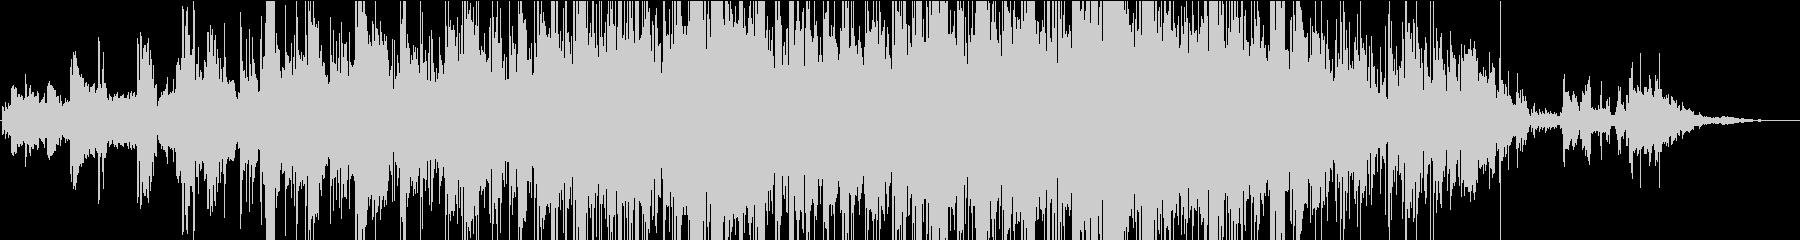 穏やかなインスト曲の未再生の波形